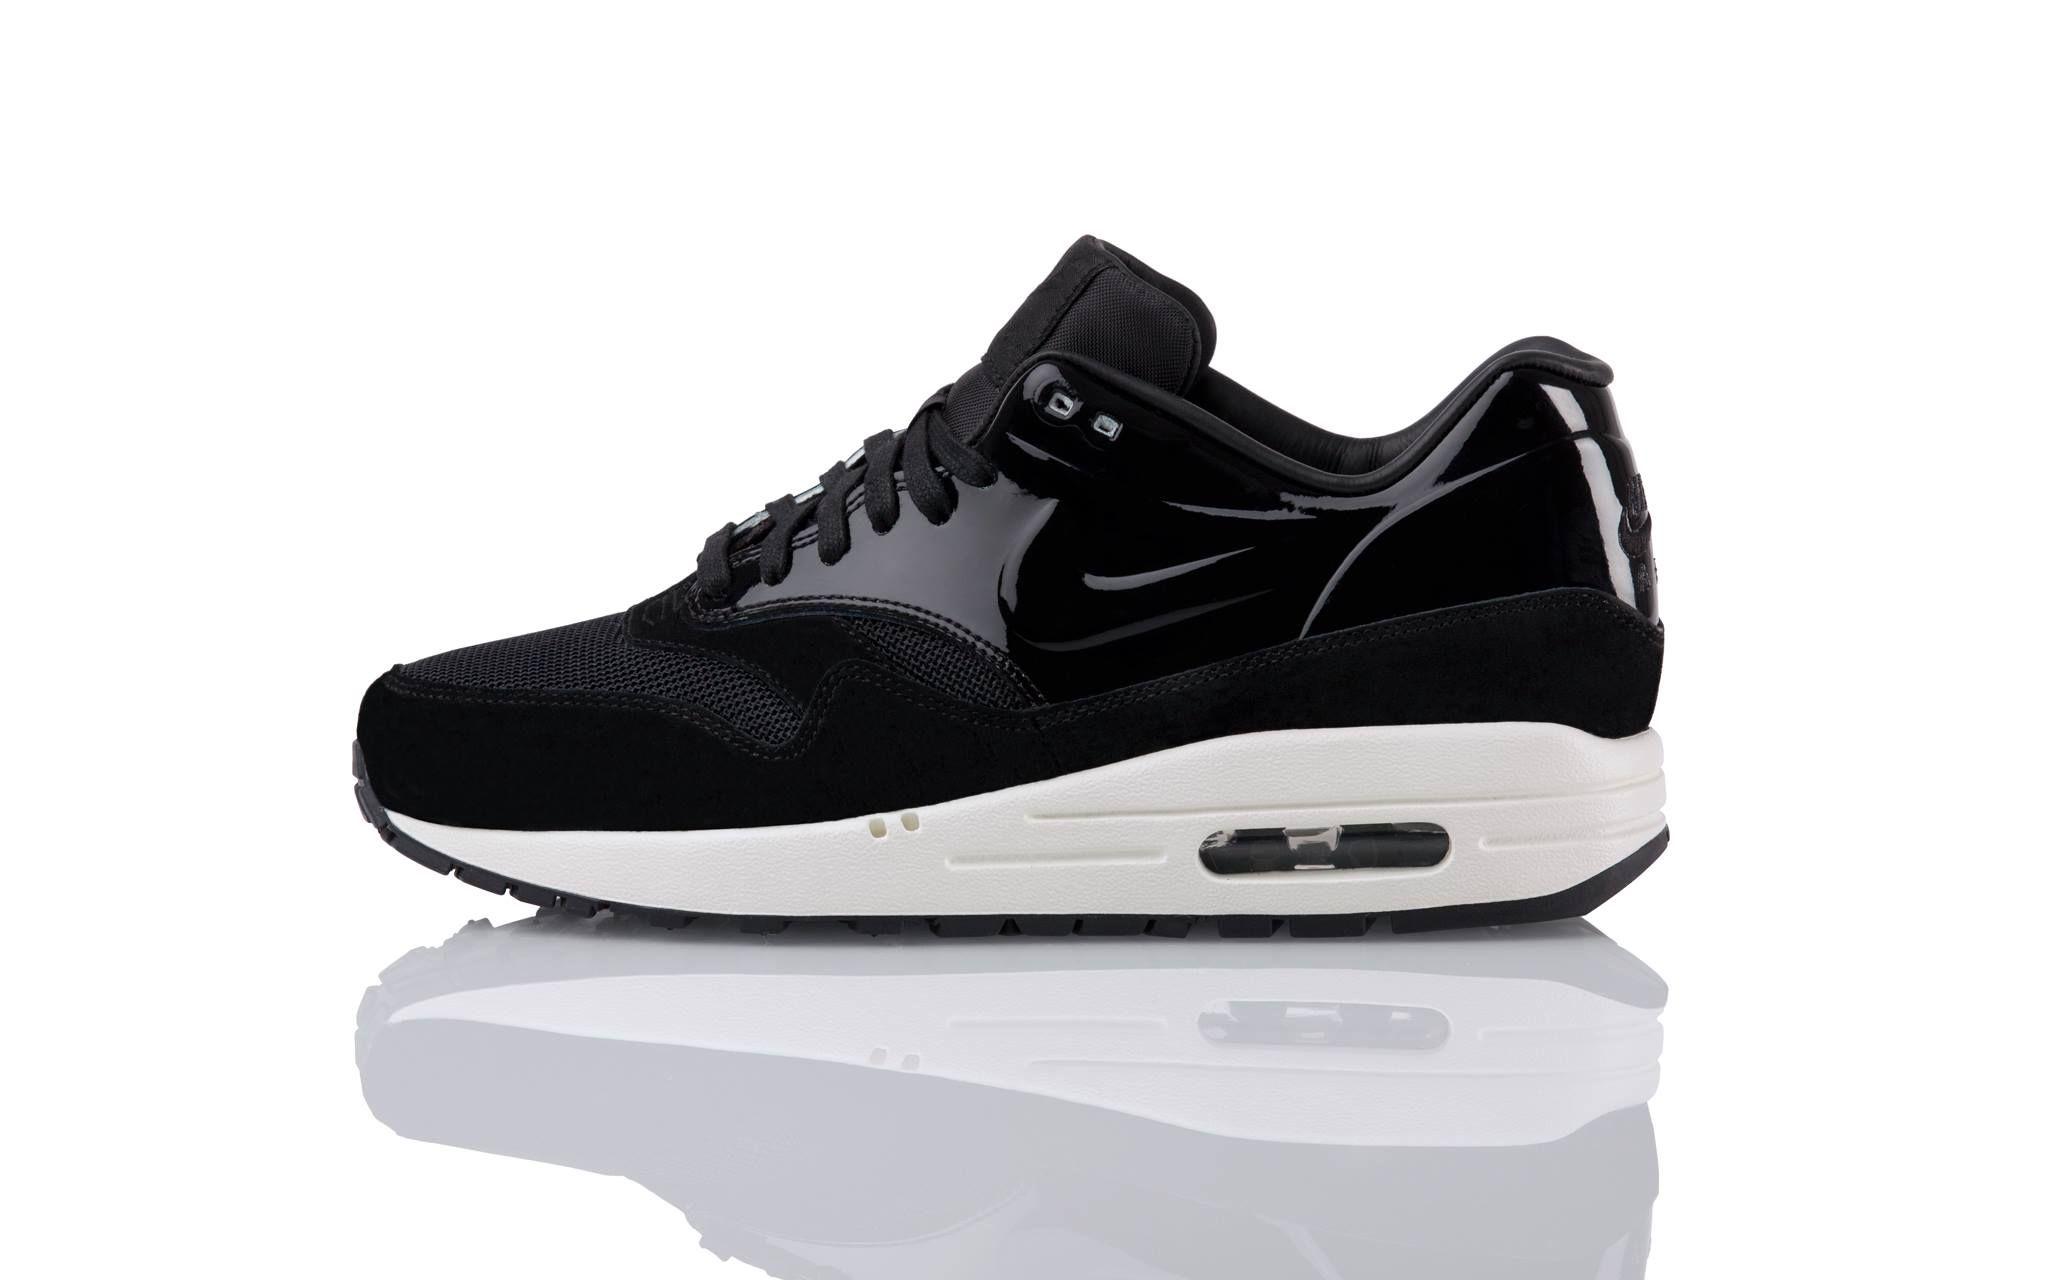 Femmes Noires Nike Formateurs Air Max 1